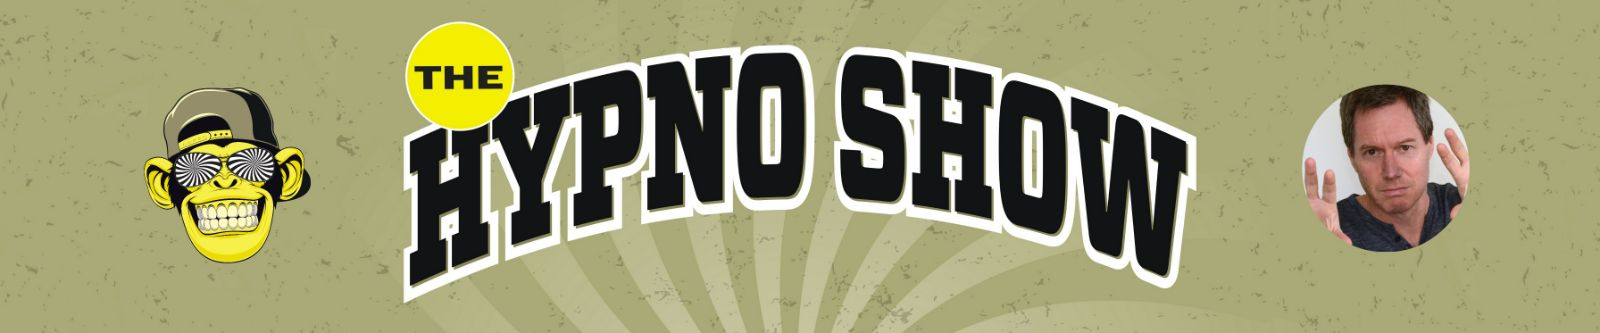 The Hypno Show